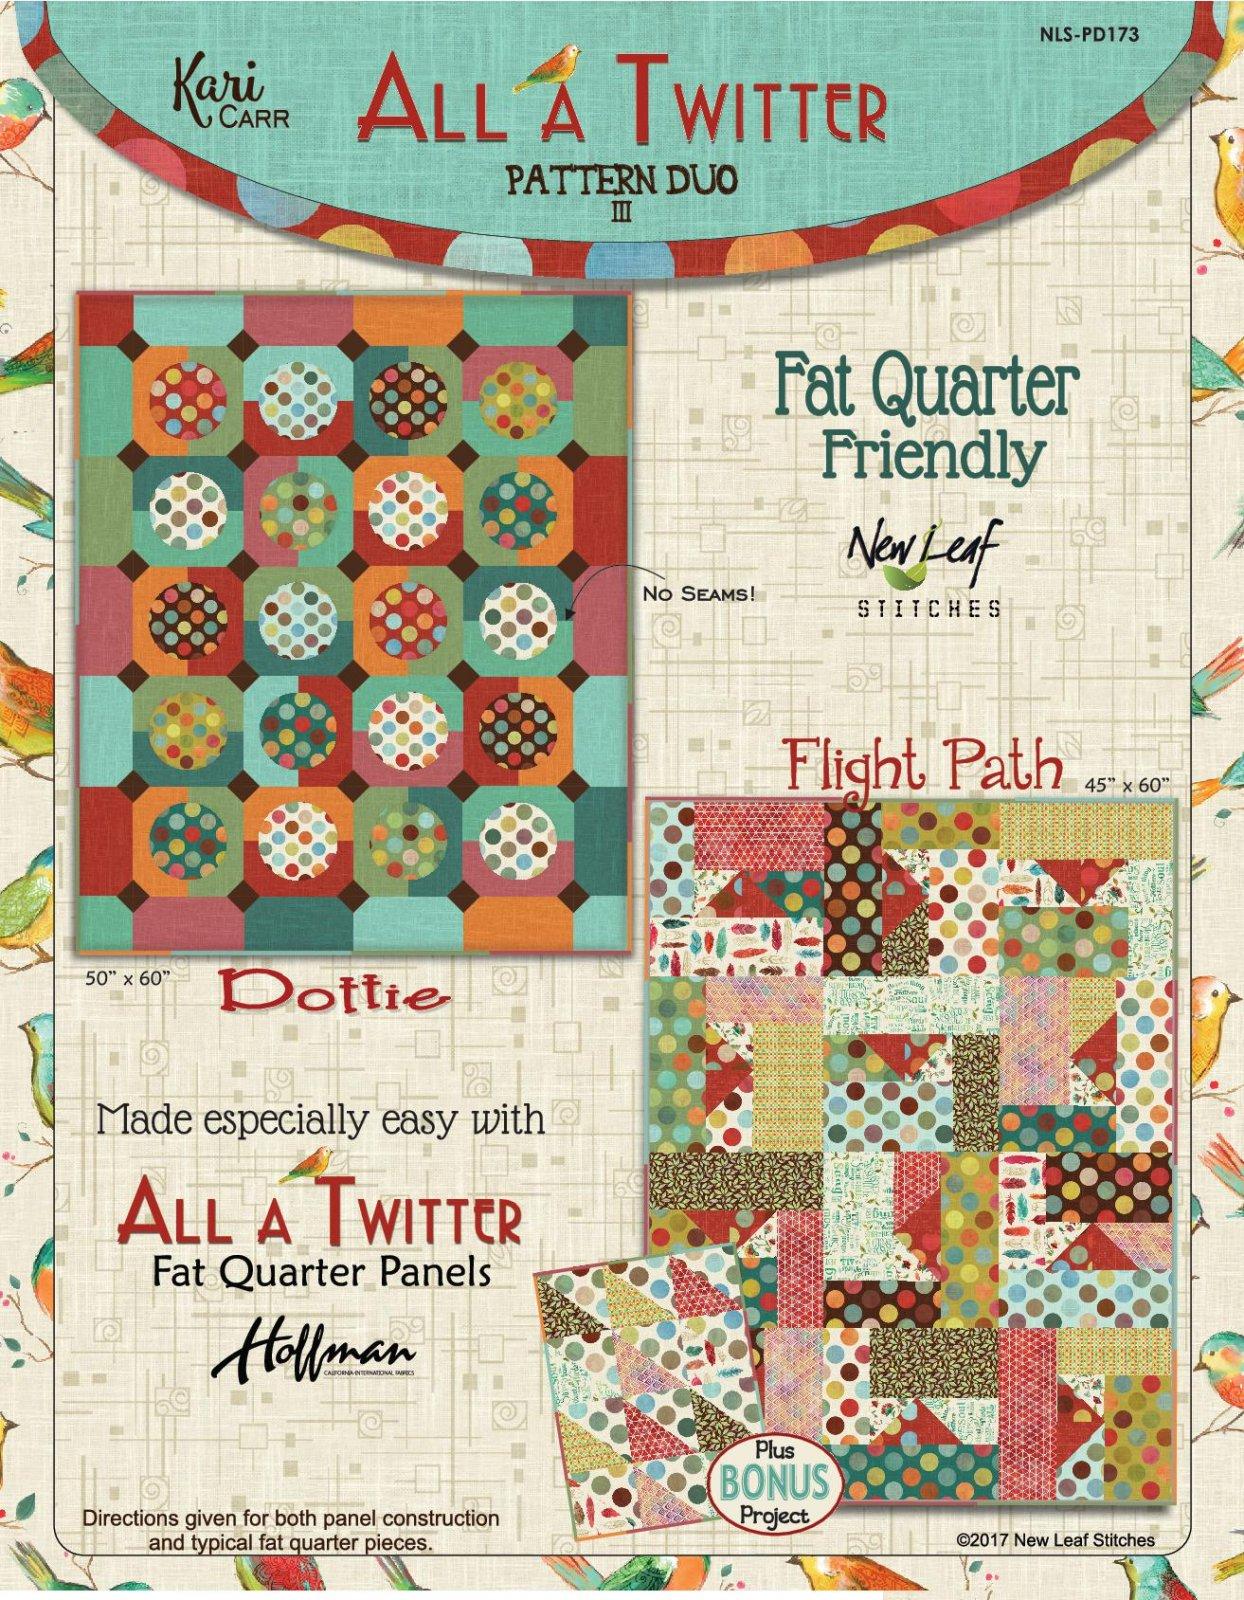 All a Twitter: Pattern Duo III